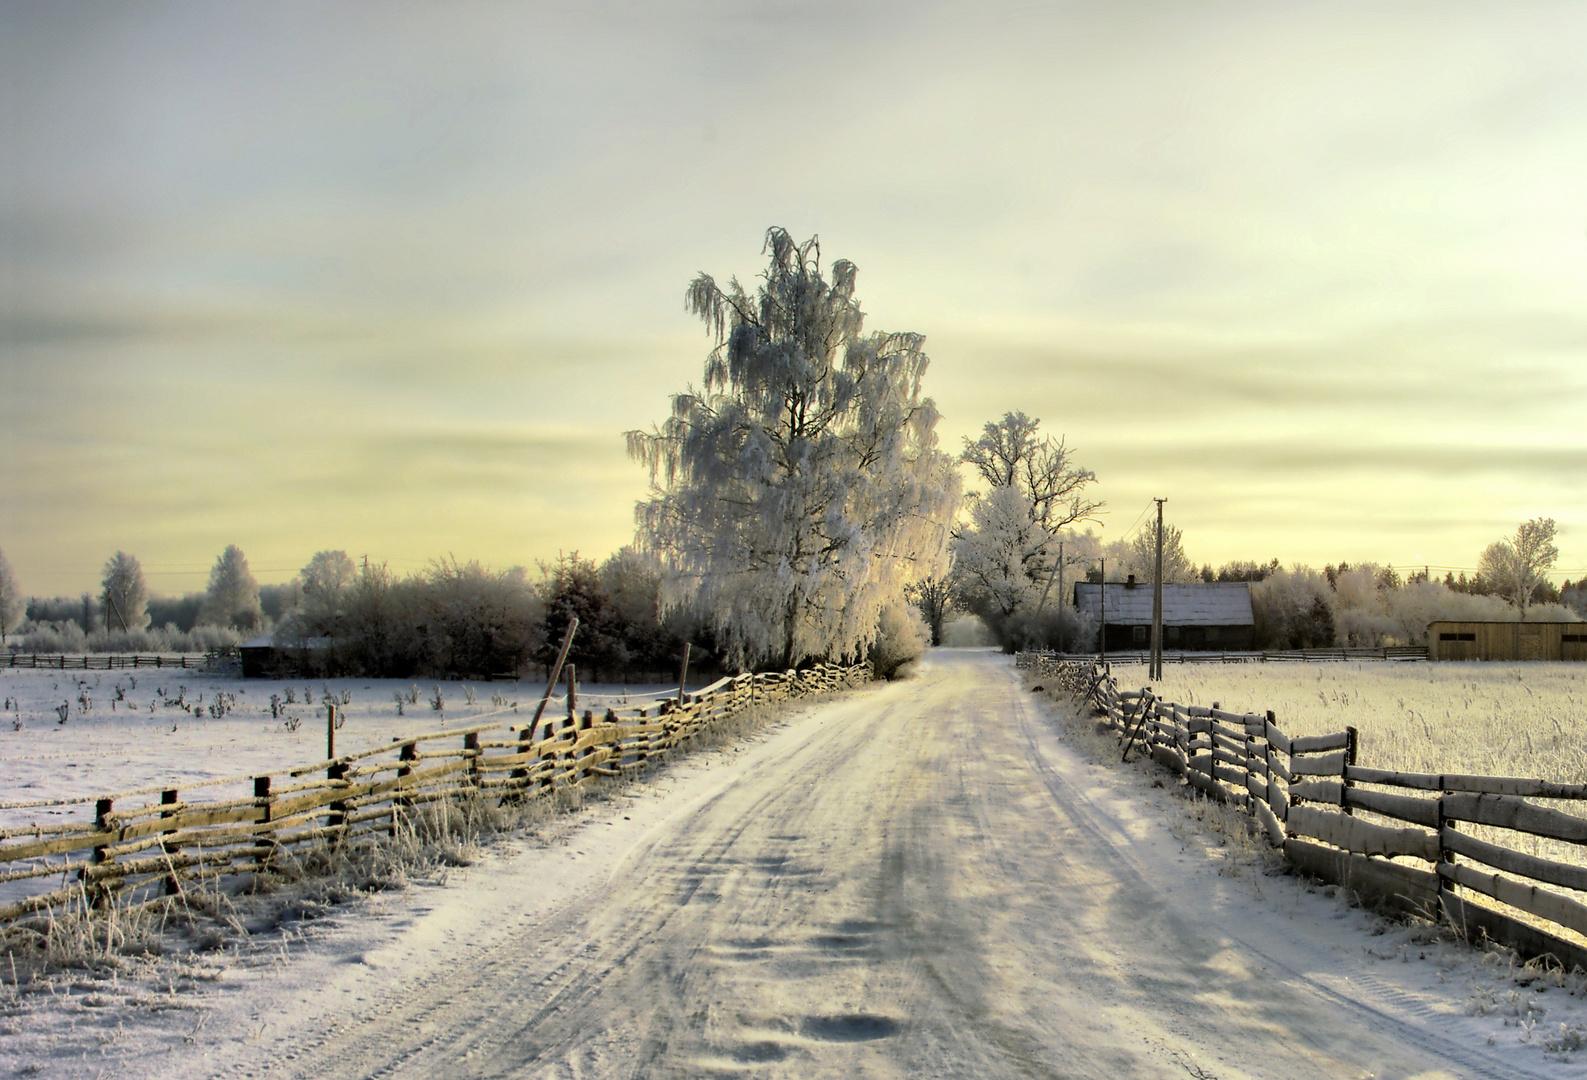 winter in Lithuanian village 2008